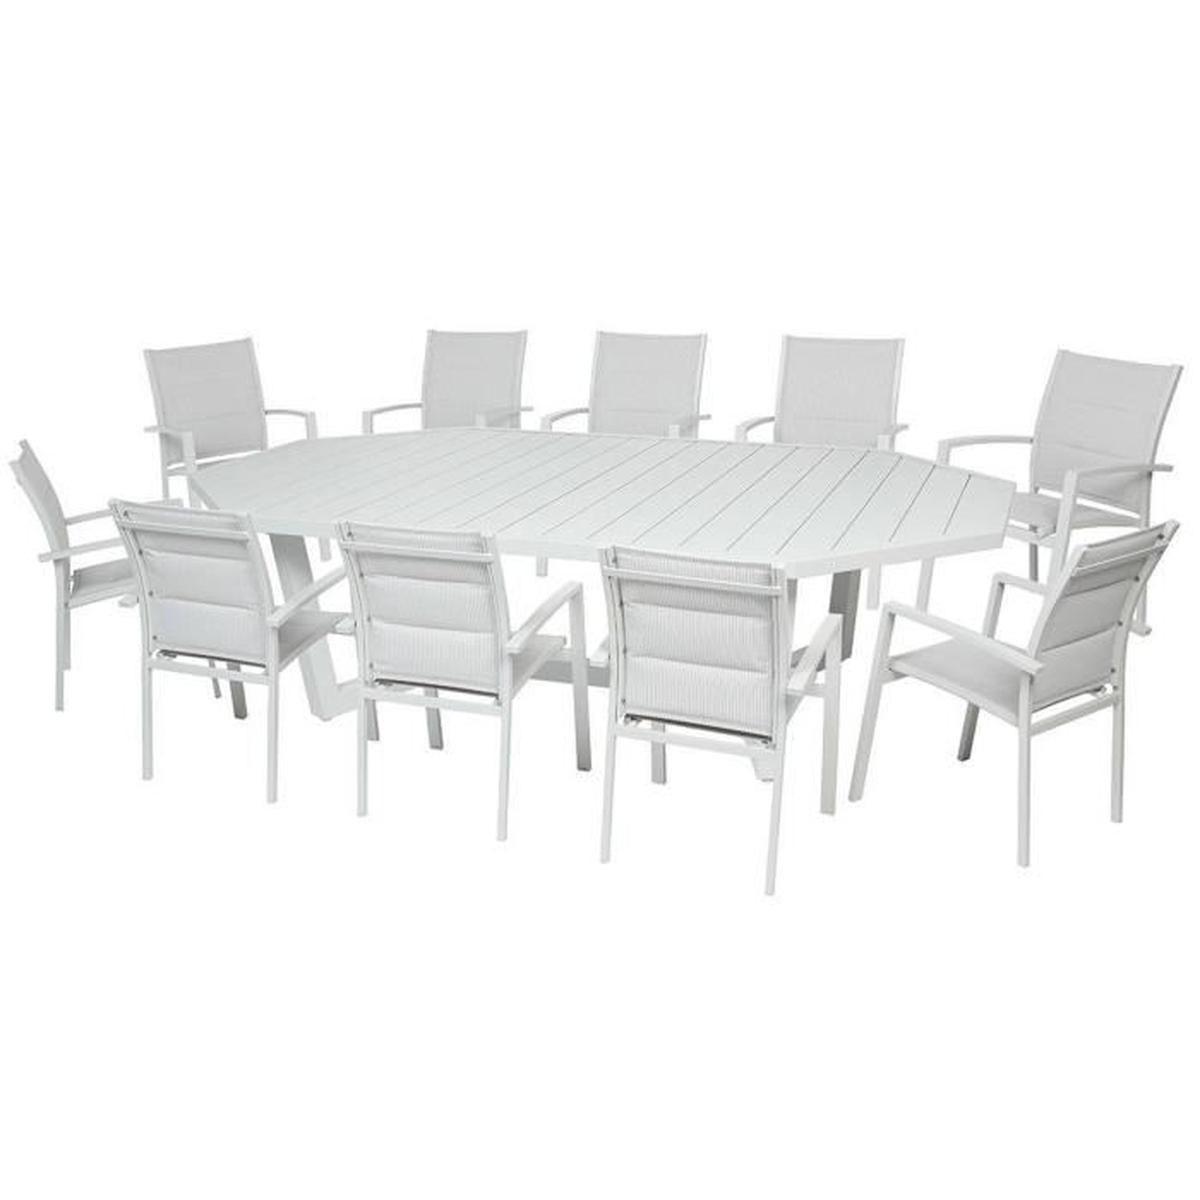 Table Octogonale En Aluminium Coloris Galet - Dim : L 274 X ... pour Table De Jardin C Discount